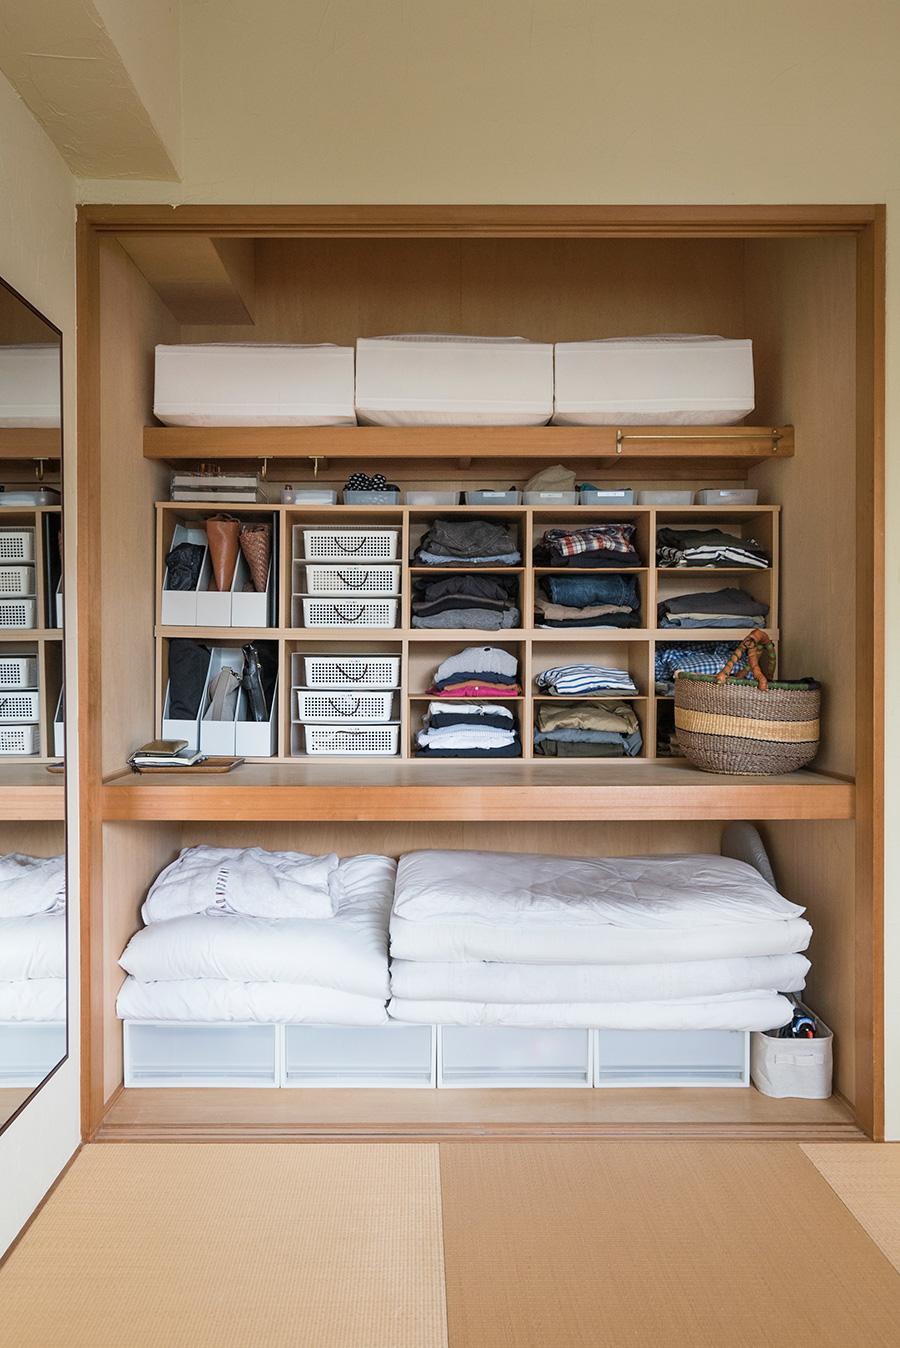 押し入れを活用。下段には布団と、衣装ケースを使ってシーツ類を収納。